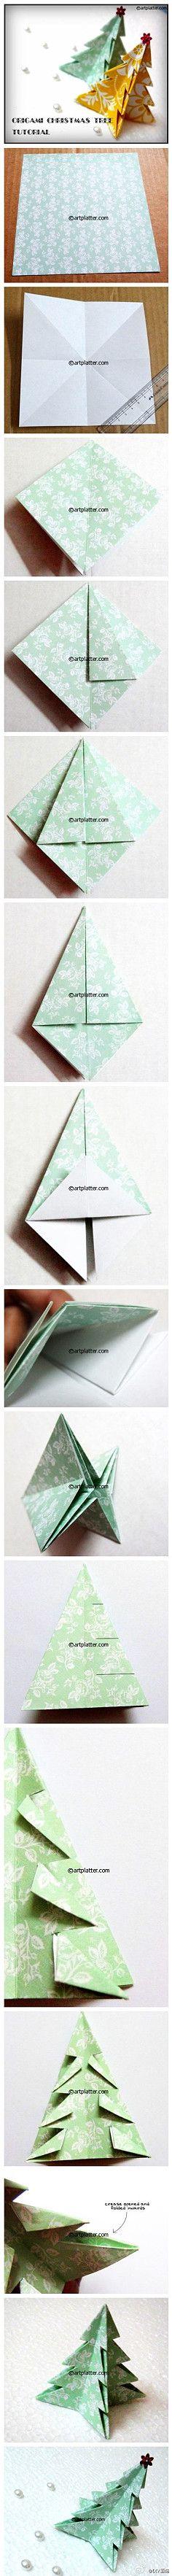 #折纸教程# 动手折圣诞树啦~~~(转自几分钟…